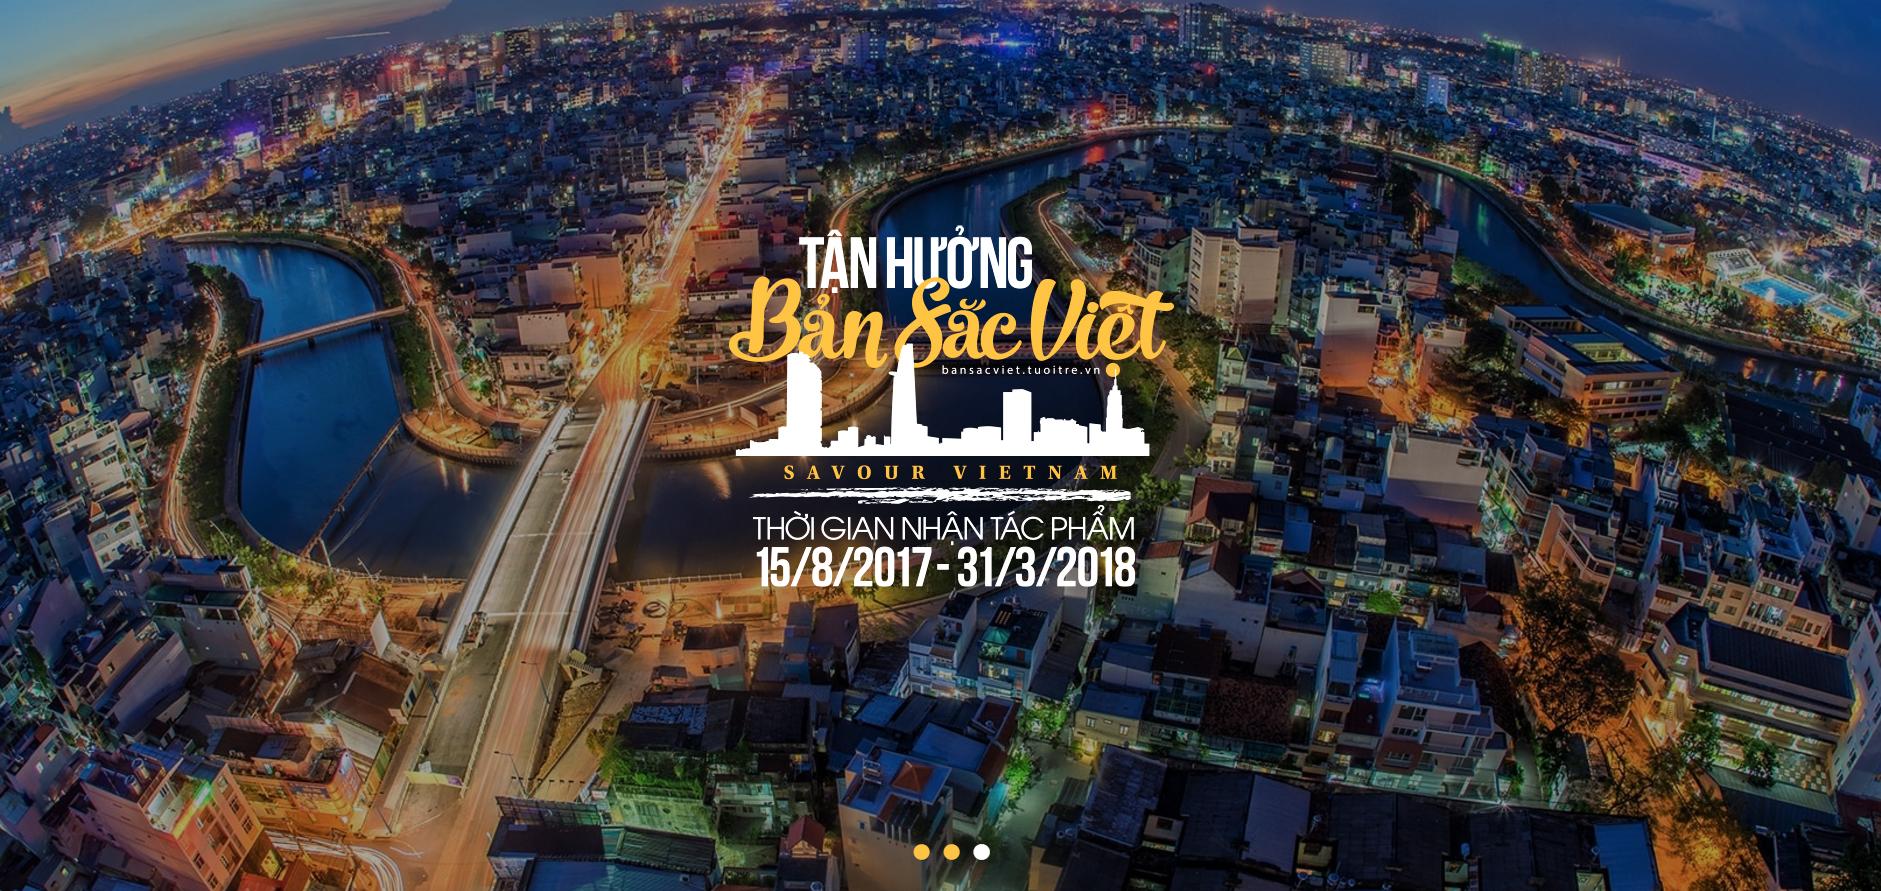 Gửi ảnh, clip, bài thi Tận hưởng bản sắc Việt lần 2 để rinh giải thưởng lớn - Ảnh 13.